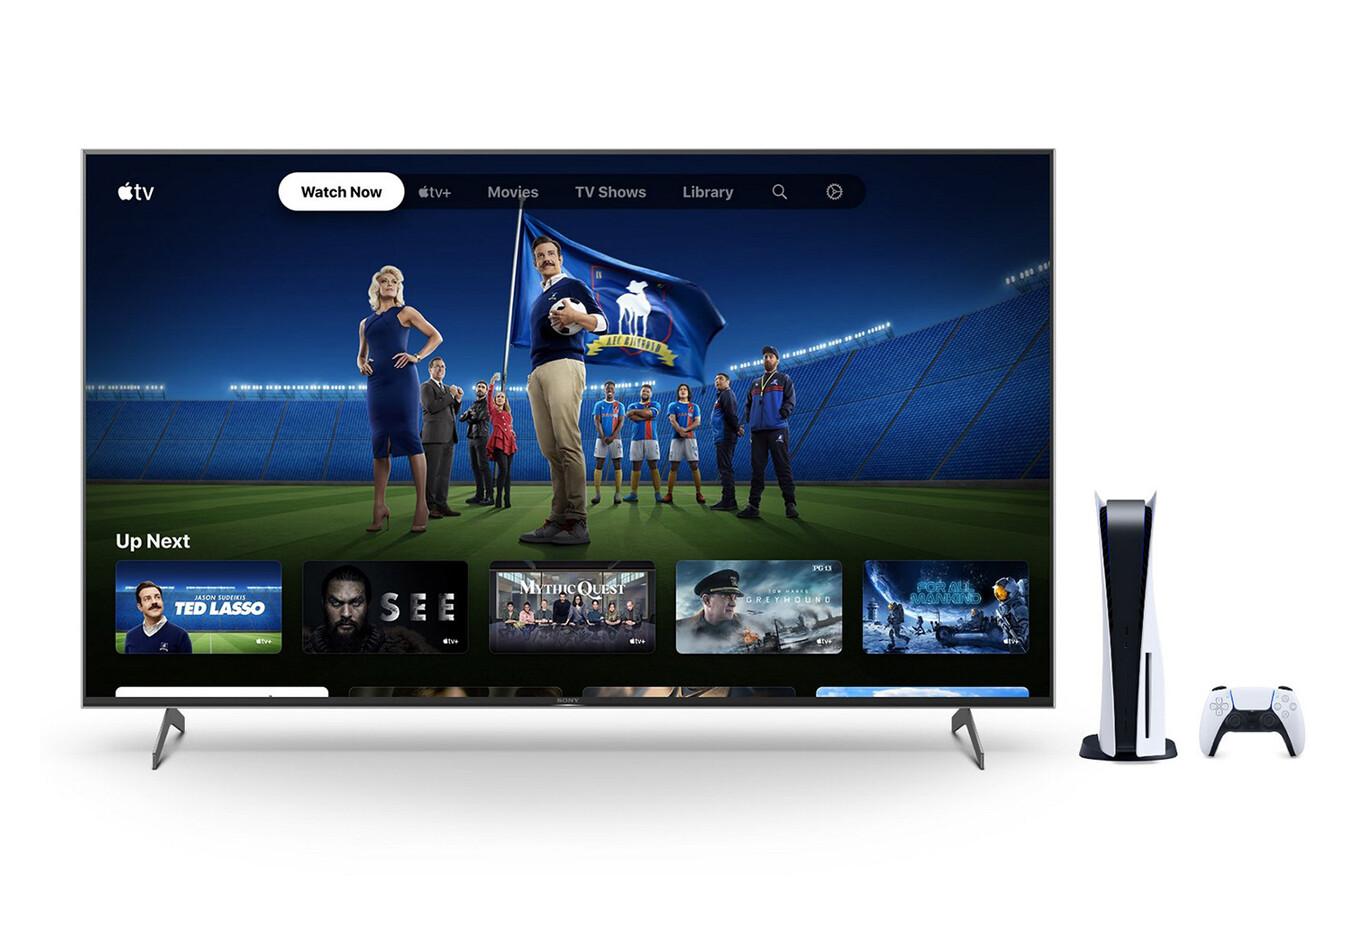 Si vous avez la PS5, vous bénificiez gratuitement de six mois d'abonnement Apple TV+